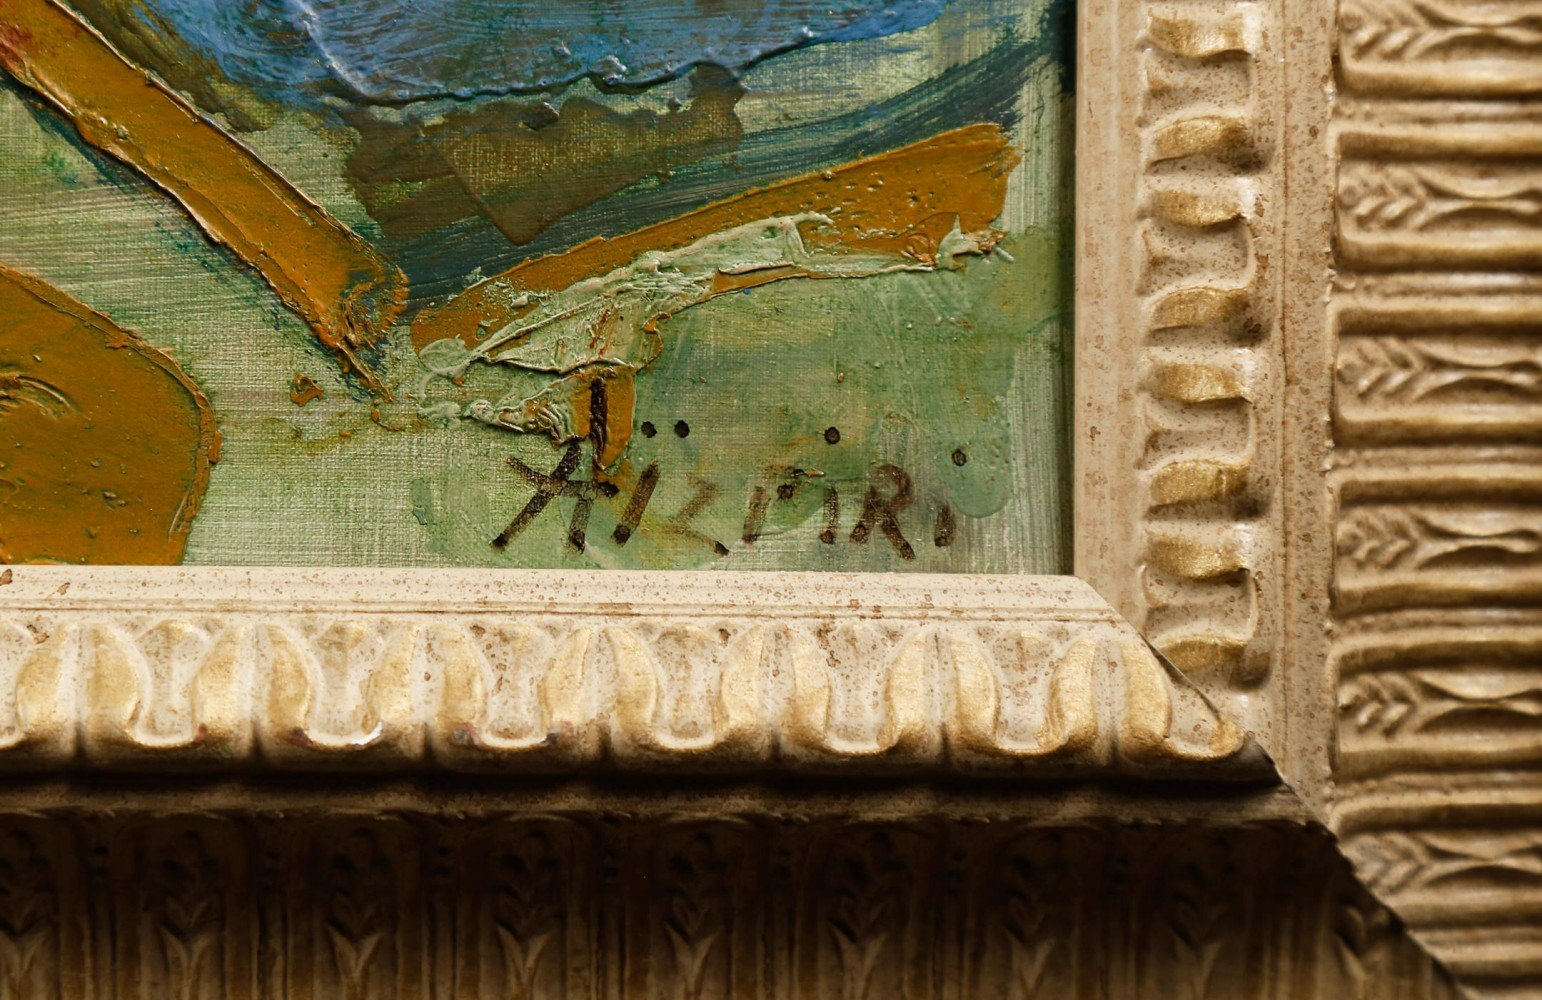 St. Mark's, Venice by Paul Augustin Aizpiri